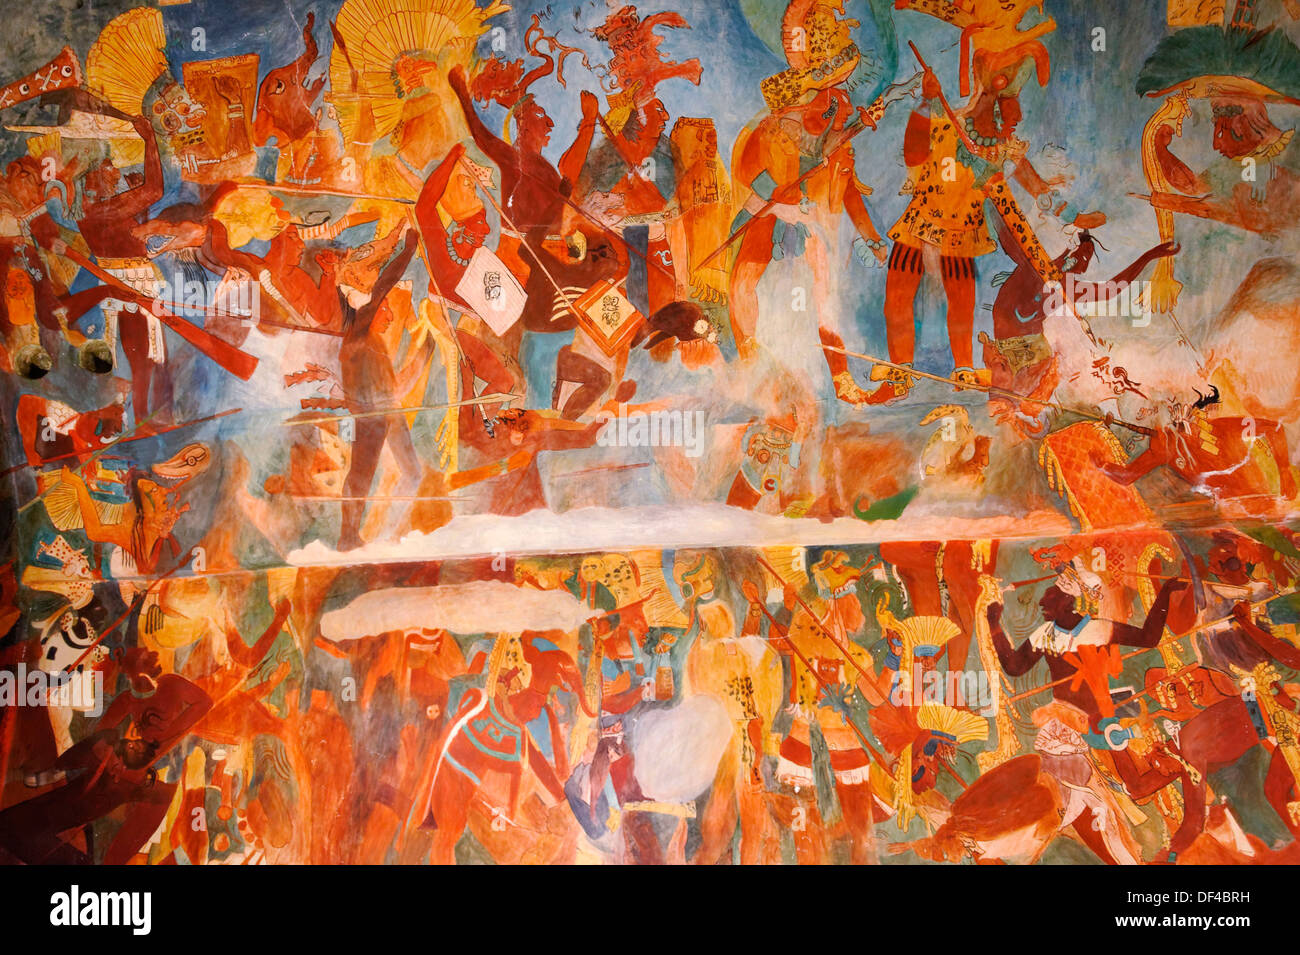 Las Reproducciones De Los Murales De Bonampak Un Antiguo Sitio